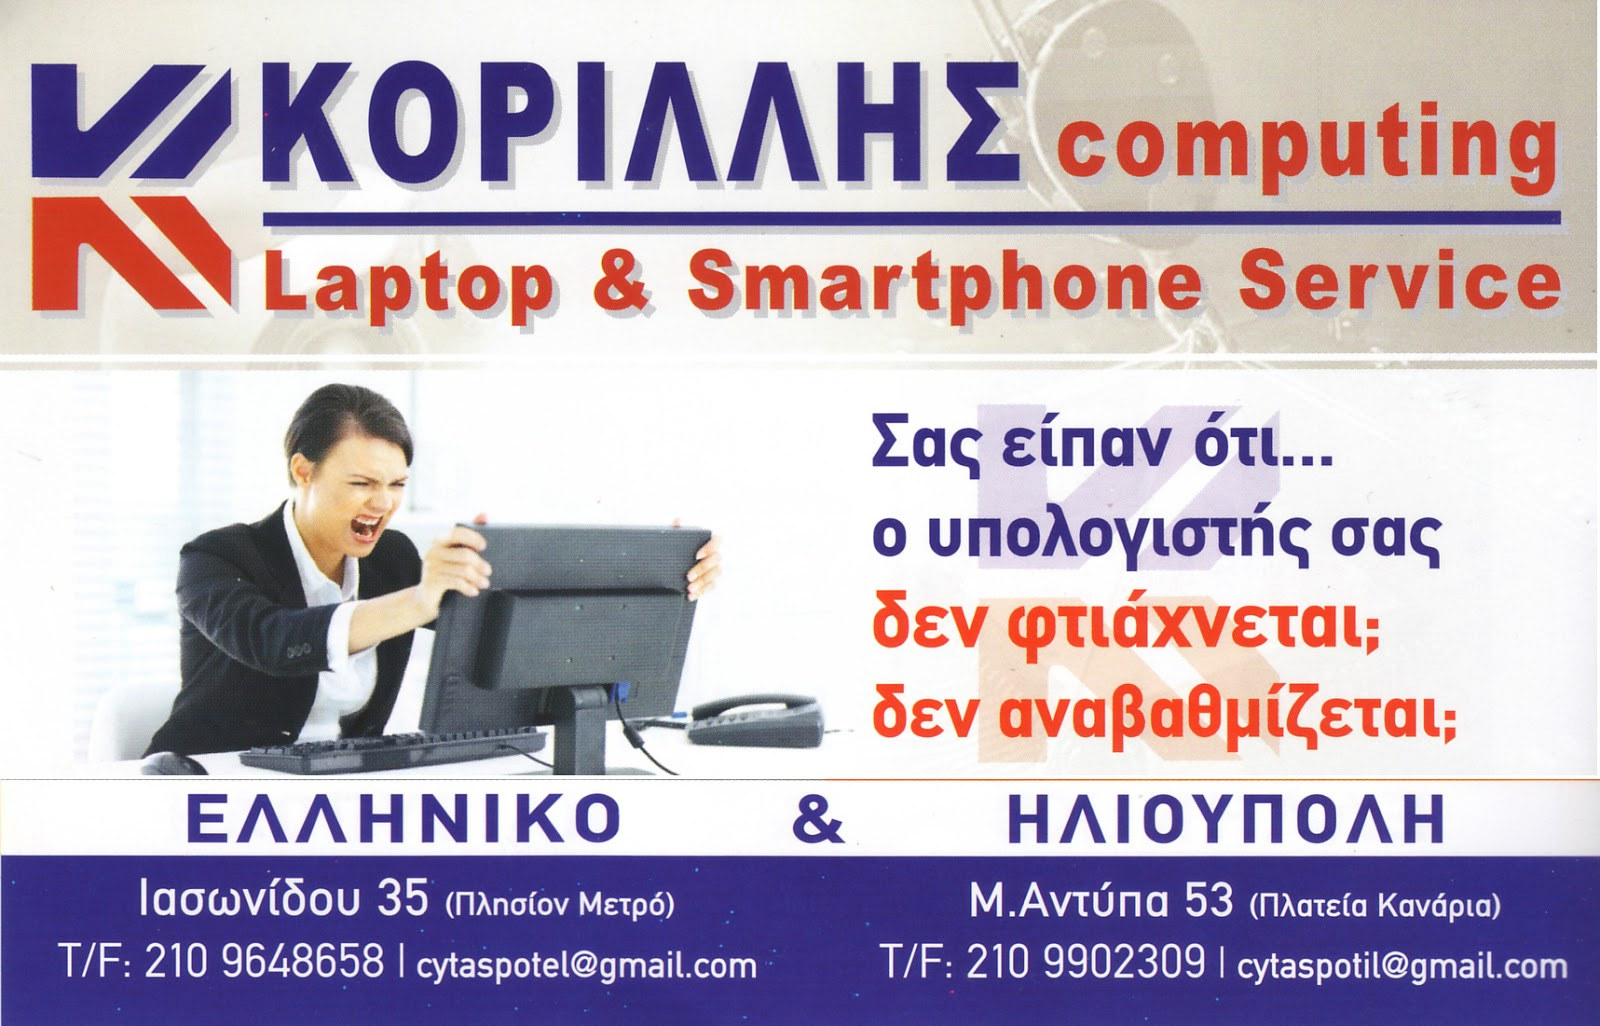 ΚΟΡΙΛΛΗΣ > ΧΡΗΣΤΟΣ> ΤΑΣΟΣ > ΔΗΜΗΤΡΗΣ > KORILLIS > COMPUTING > LAPTOP >TAMPLETS > SMART > SMARTPHONE> SERVICE